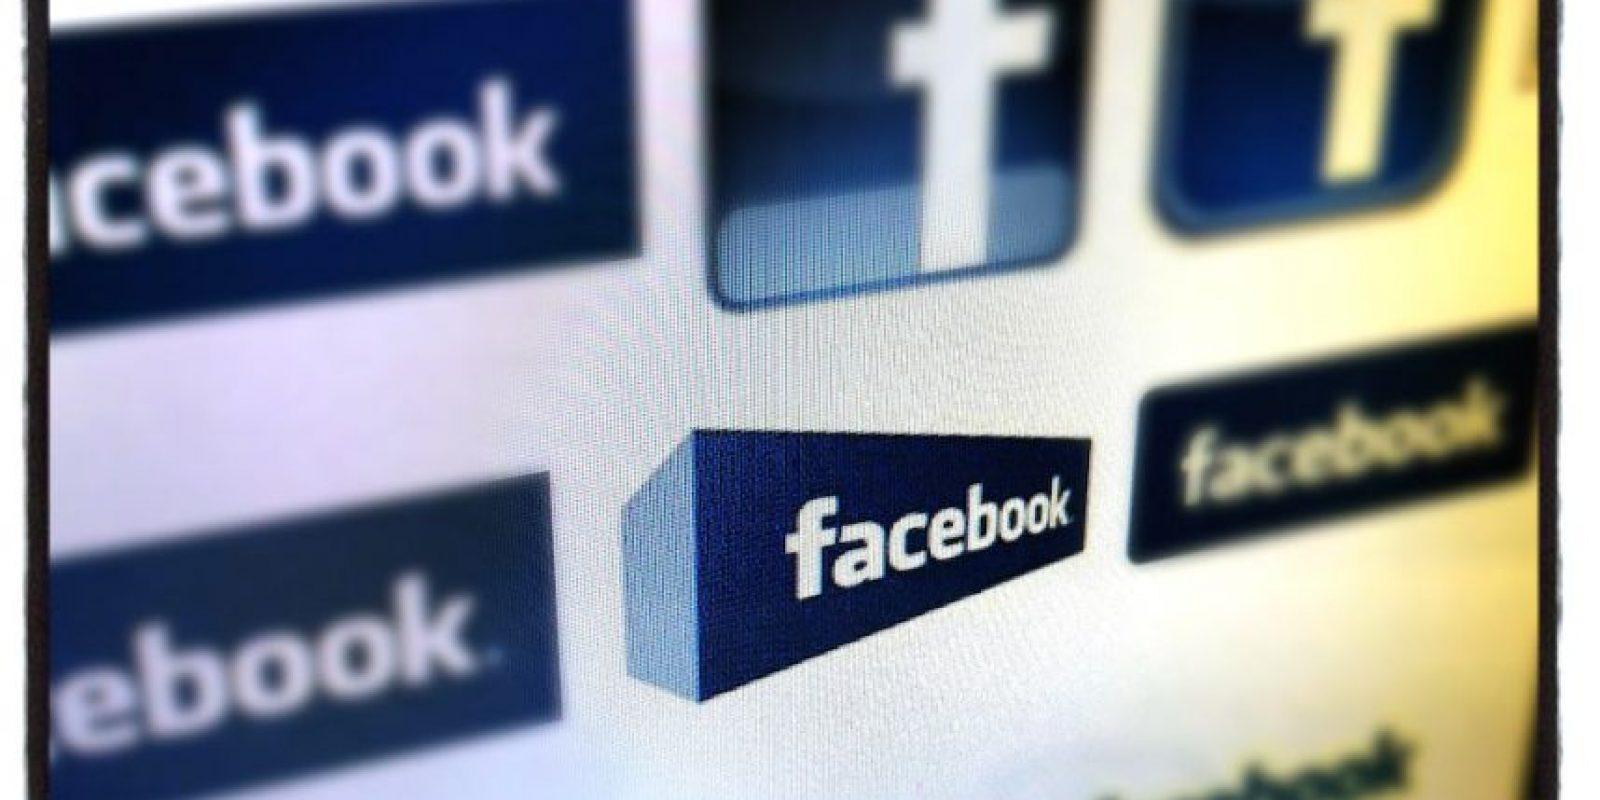 Actualmente, Facebook enfrenta una demanda por parte de un austriaco llamado Max Schrems, quien afirma reclamar muchas violaciones a las leyes de privacidad en Europa. Foto:Getty